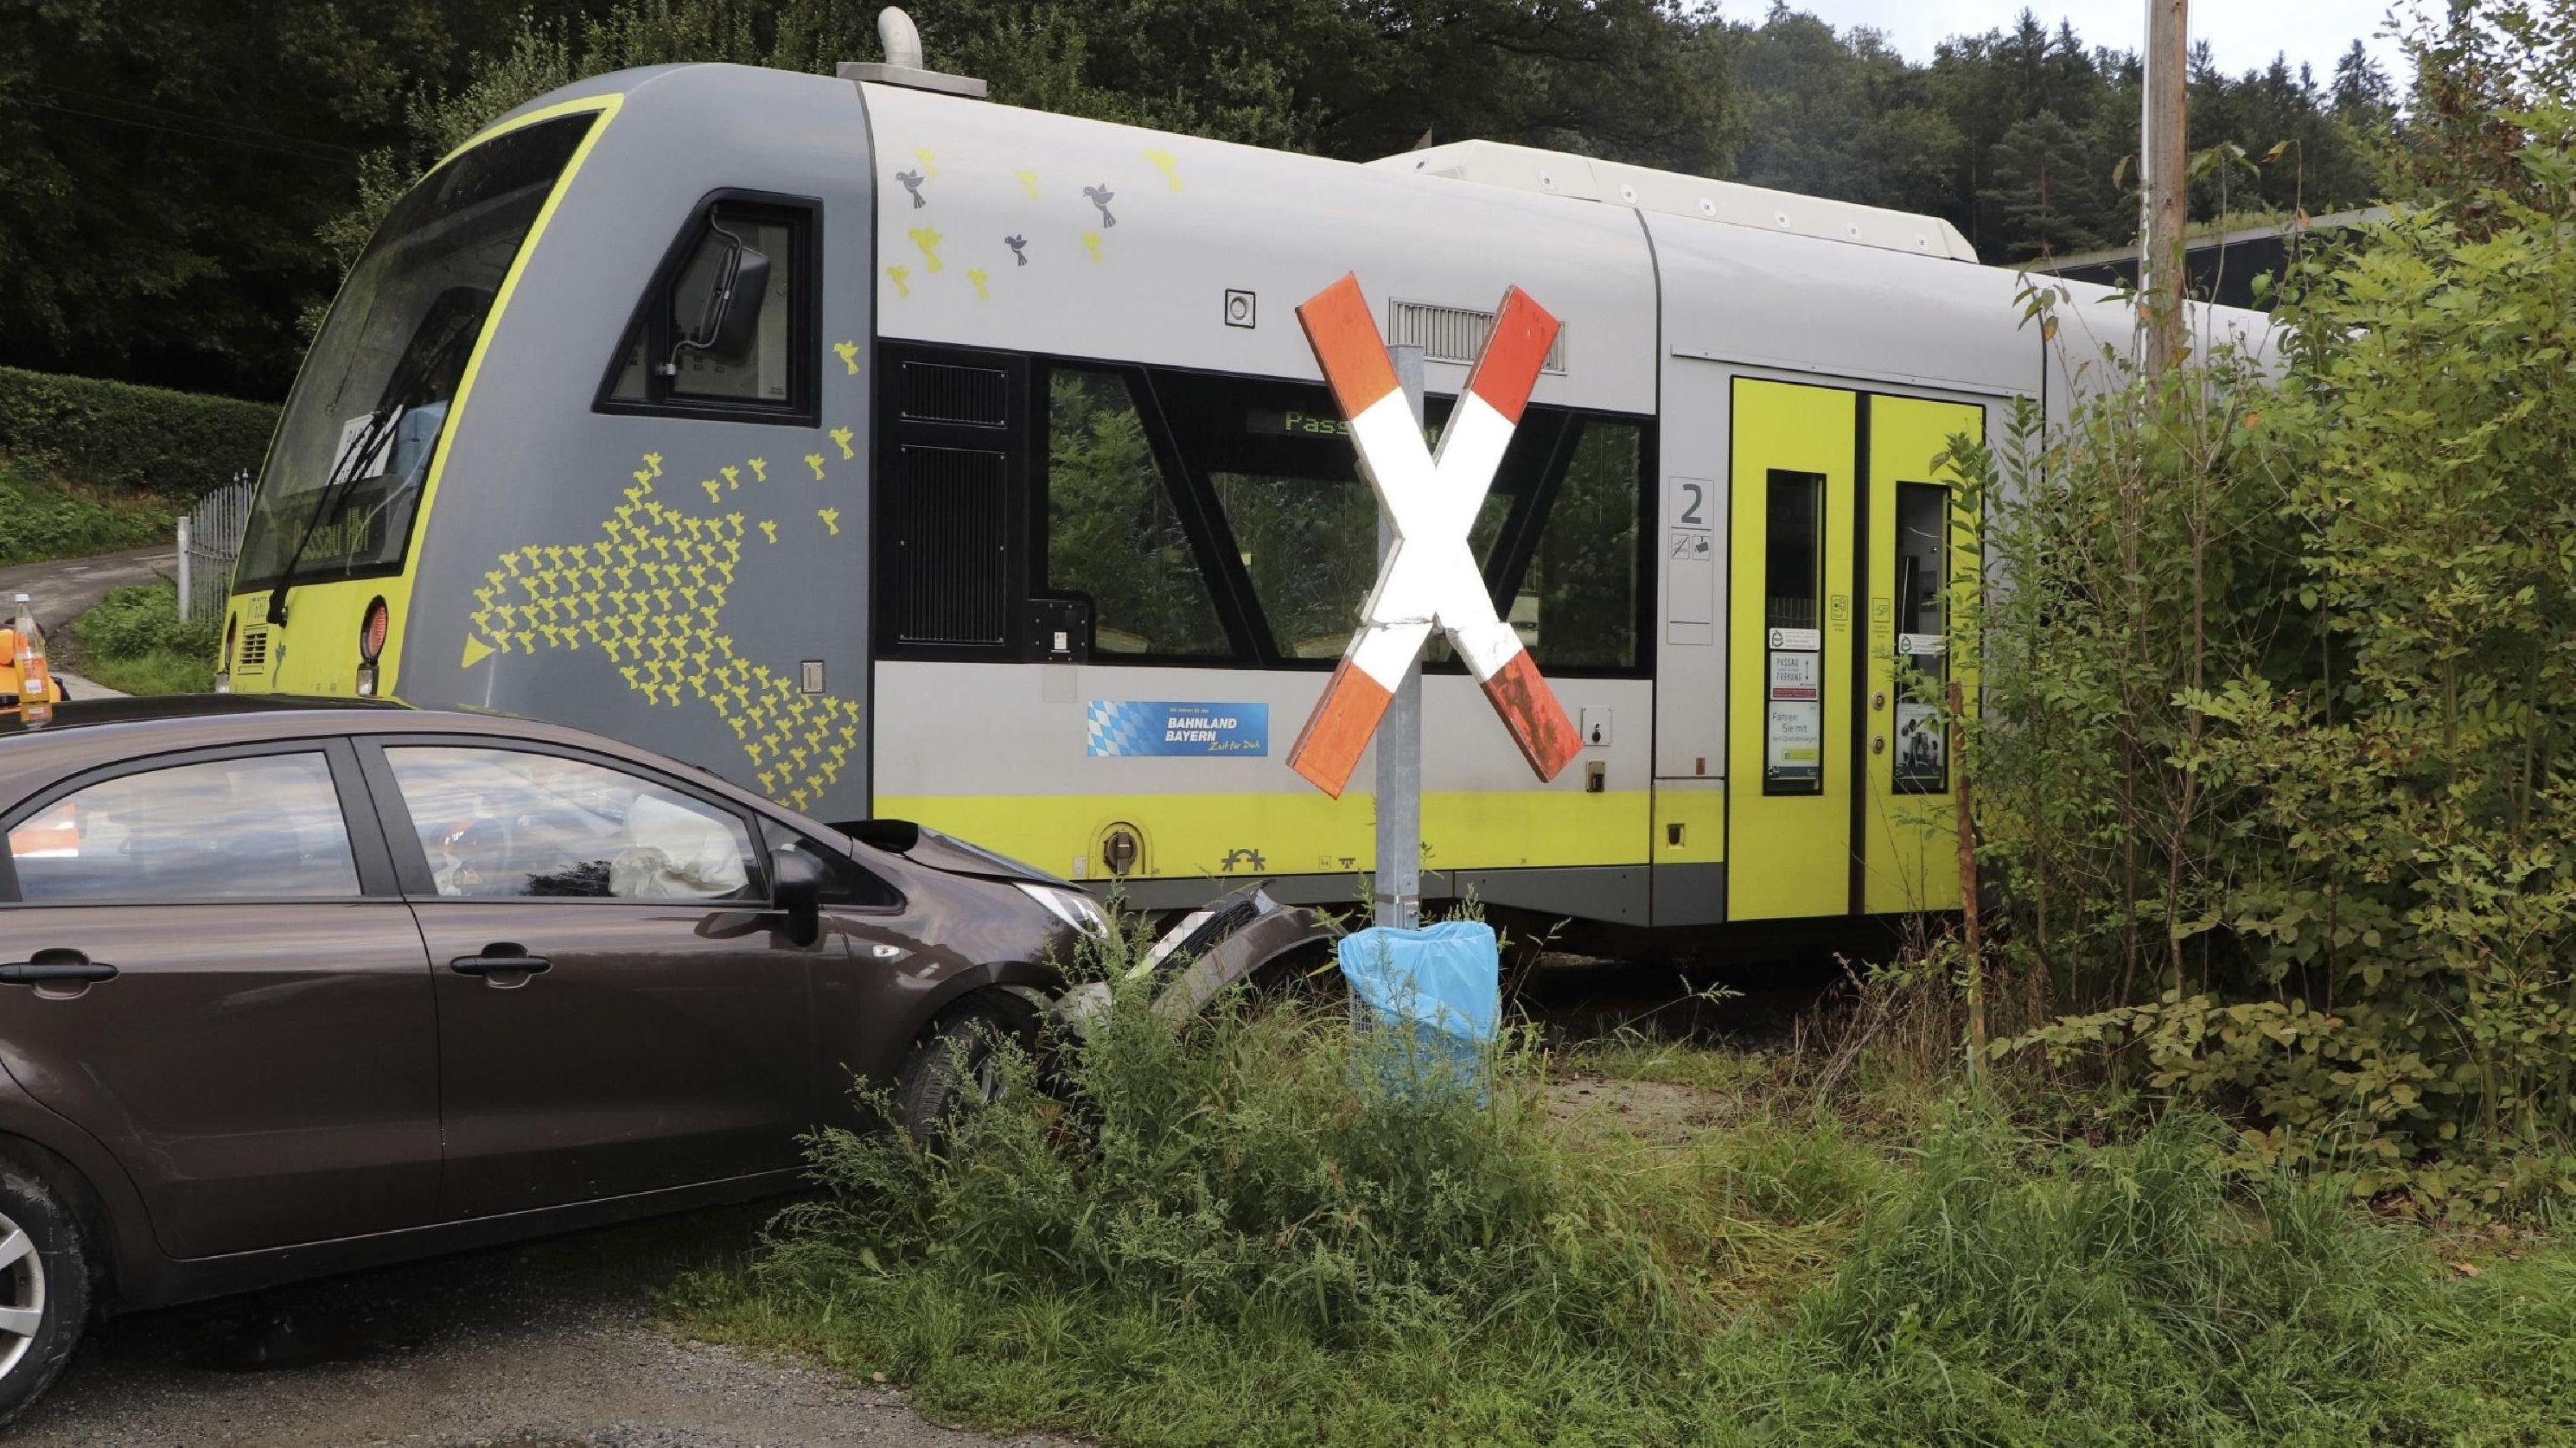 Zusammenstoß der Ilztalbahn mit einem PKW an einem unbeschrankten Bahnübergang